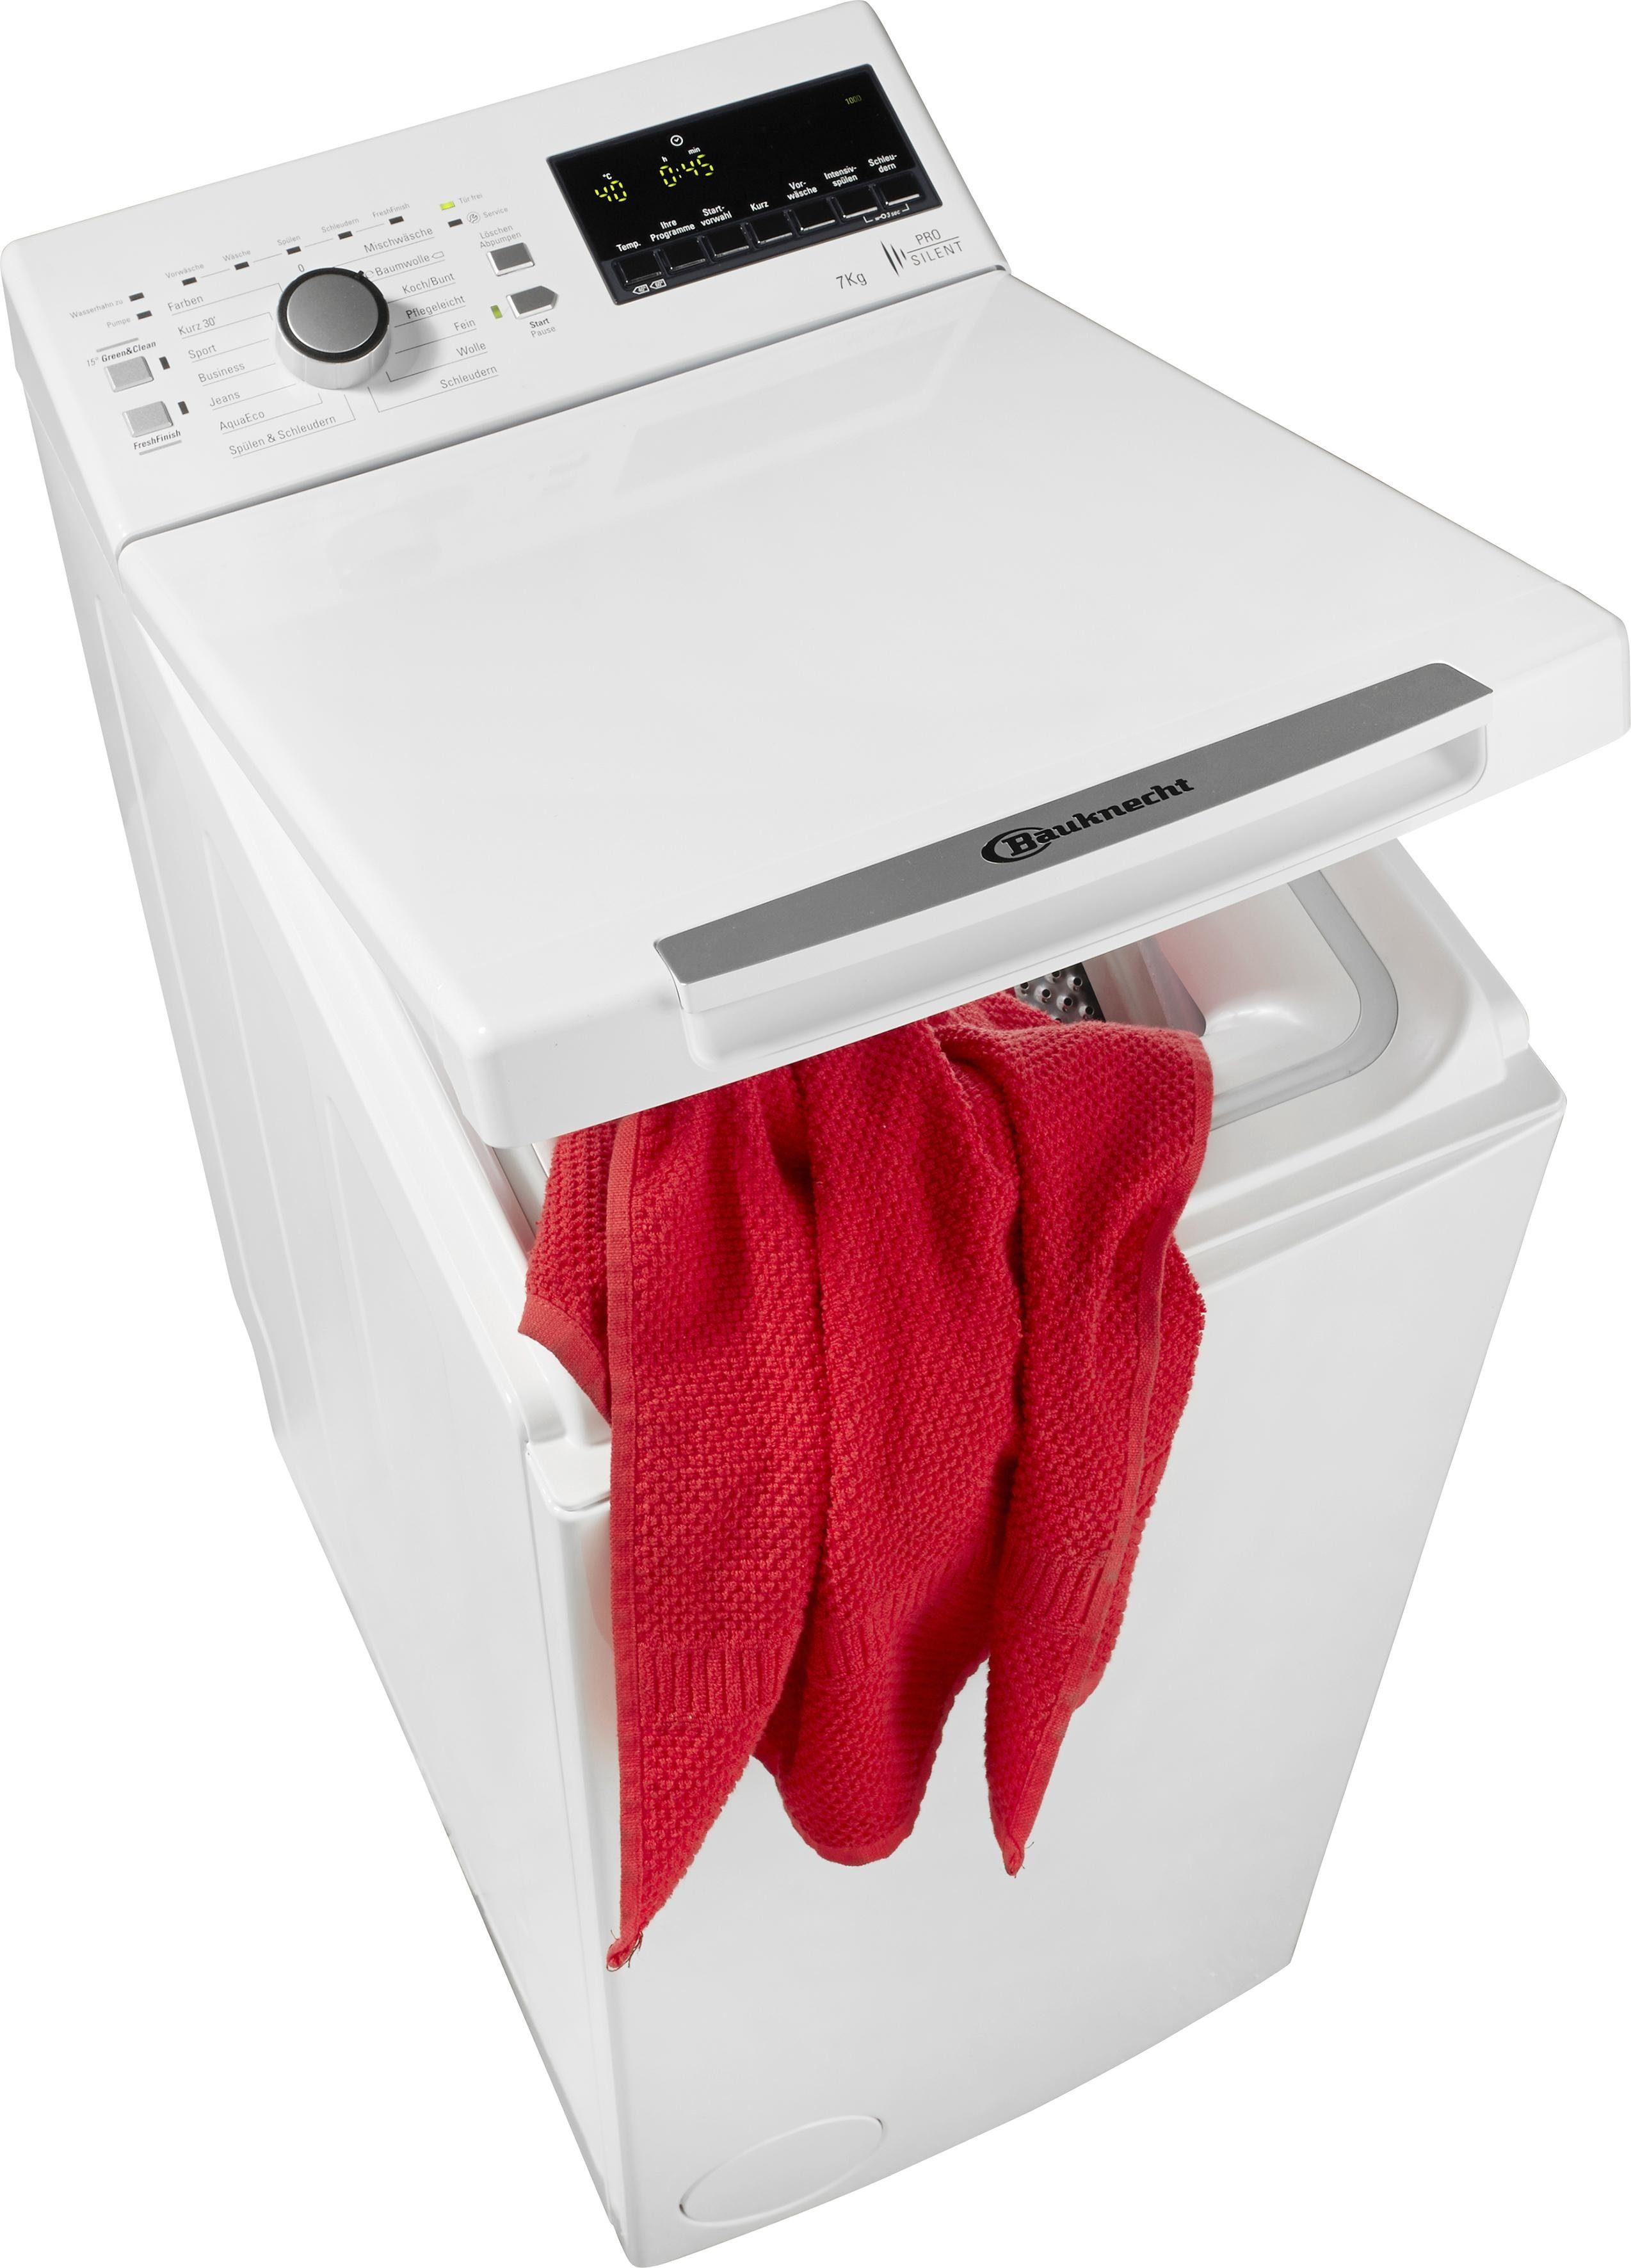 BAUKNECHT Waschmaschine Toplader WMT Trend 722 PS, A+++, 7 kg, 1200 U/Min